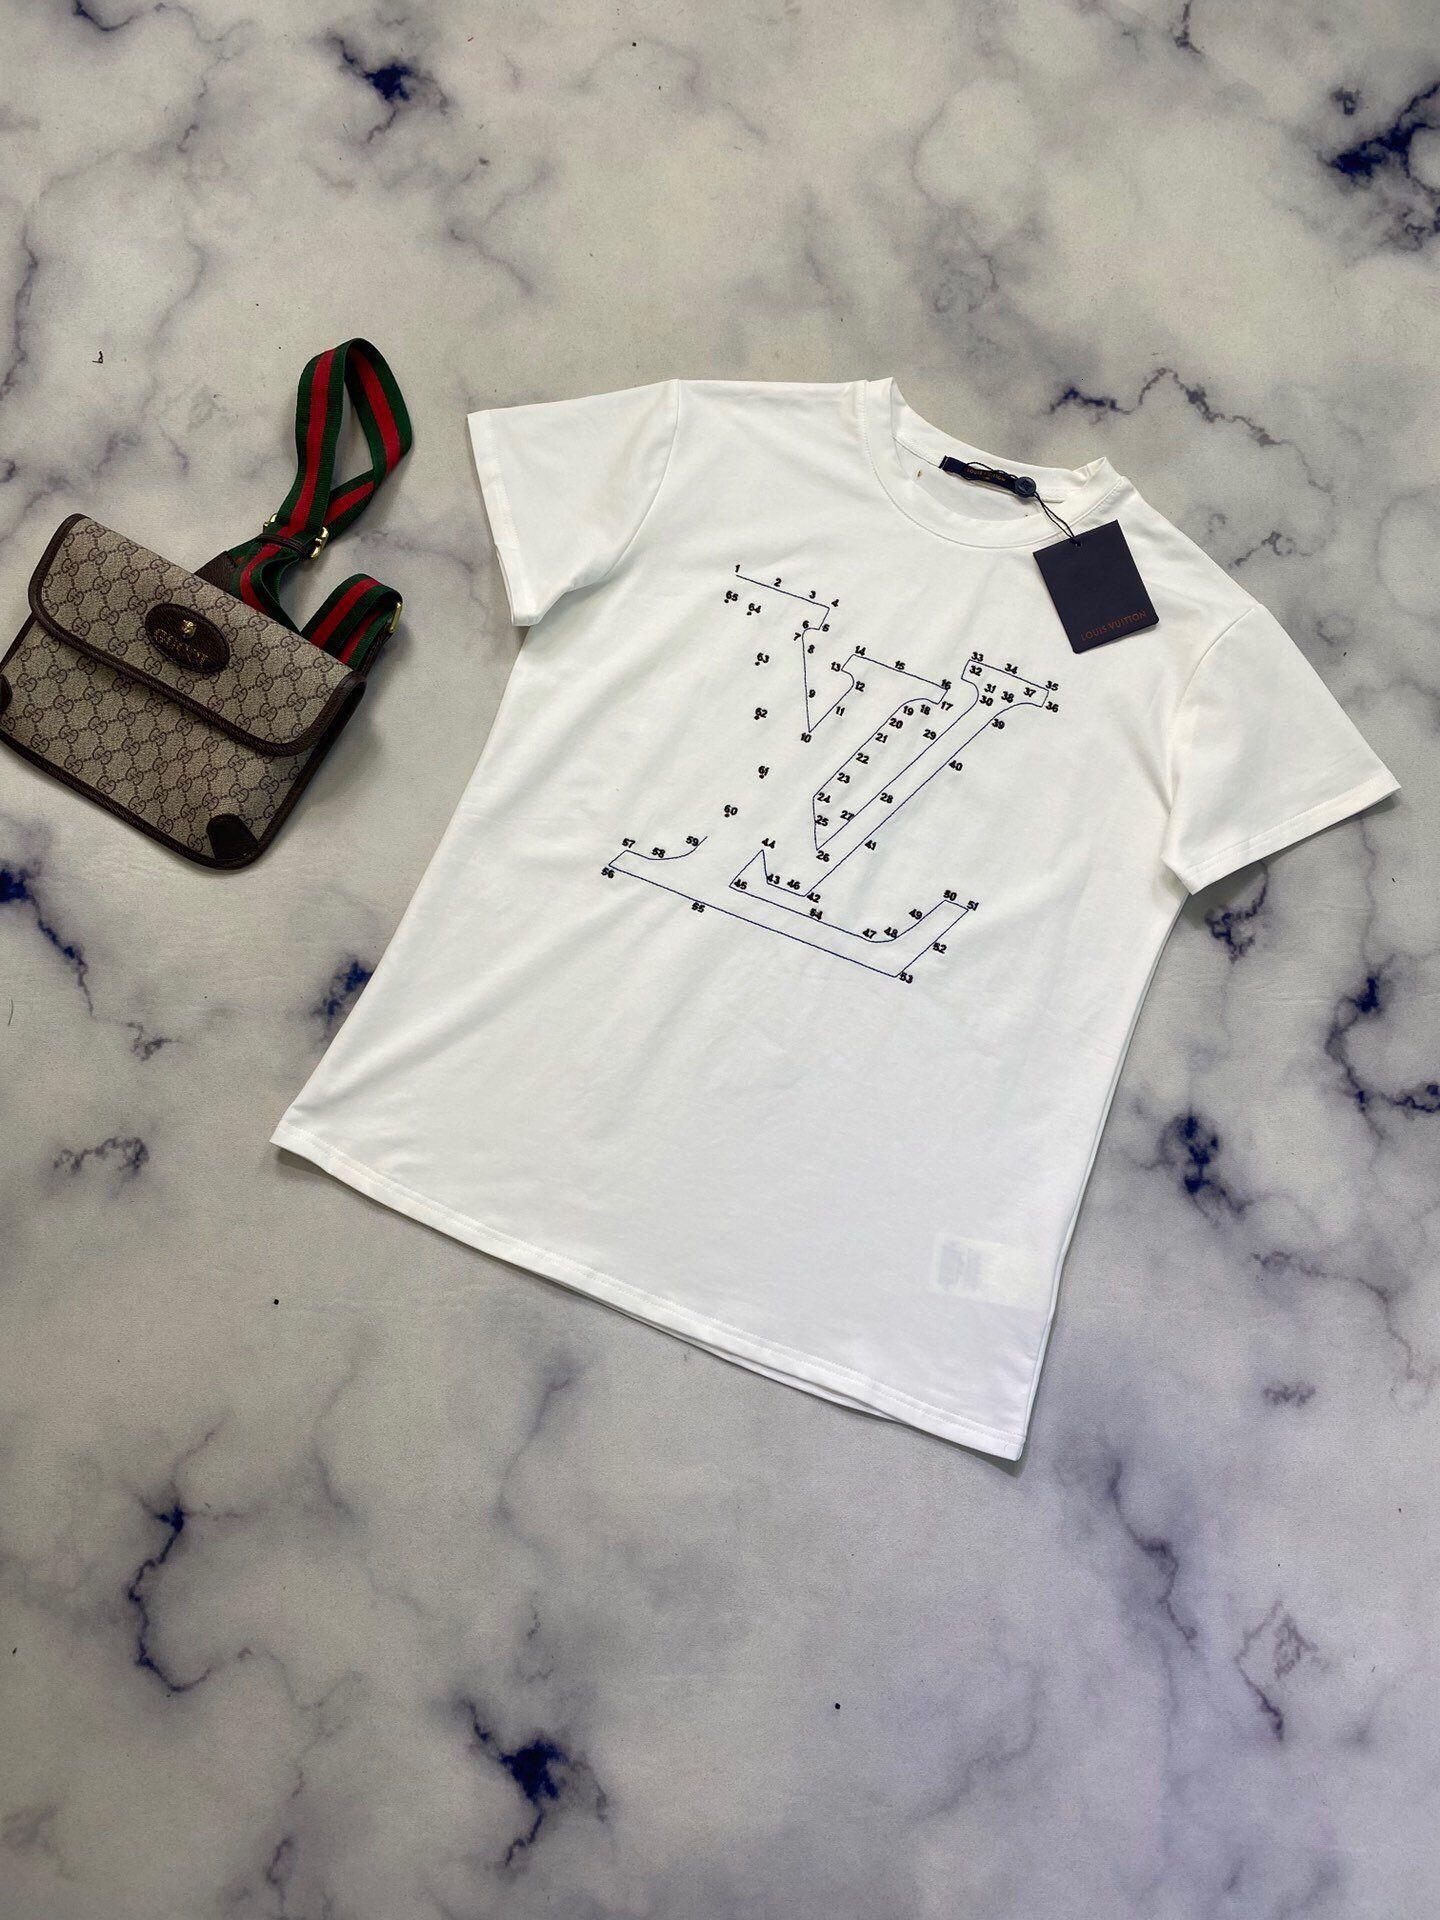 Designer Damen-Kurzschlusshosen der Frauen Sporthosen neue freies Verschiffen heiß gut aussehend lässig N464 empfehlen